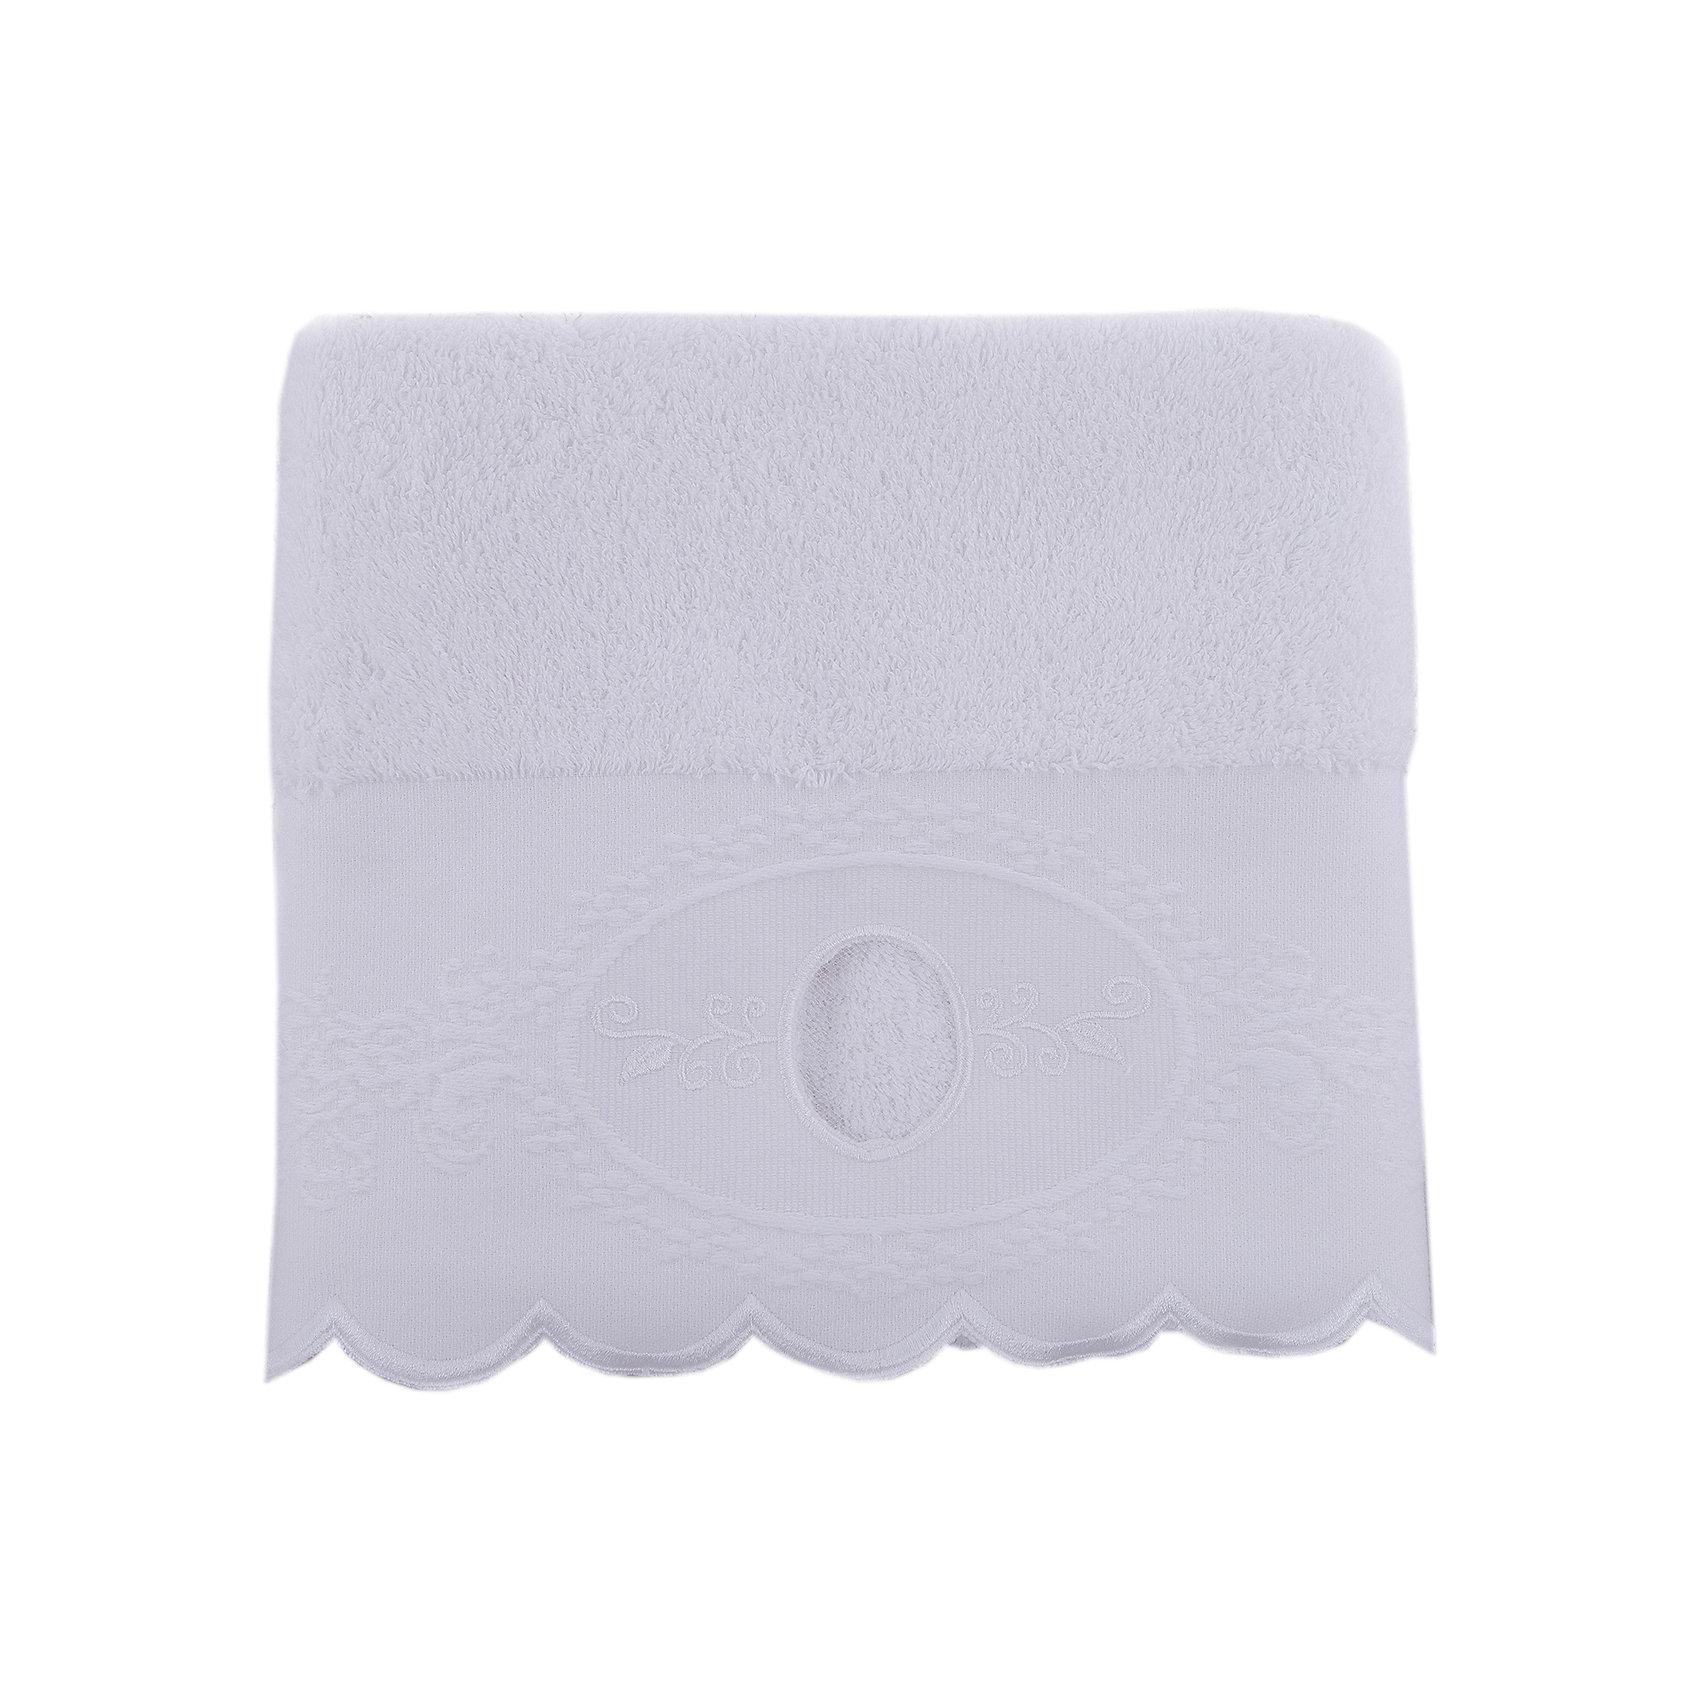 Полотенце махровое 50*90 Жаклин, Cozy Home, белыйПолотенце махровое 50*90 Жаклин, Cozy Home (Кози Хоум), белый<br><br>Характеристики:<br><br>• хорошо впитывает влагу<br>• изысканный дизайн<br>• материал: хлопок<br>• размер: 50х90 см<br>• цвет: белый<br><br>Махровое полотенце от Cozy Home порадует вас своей мягкостью и прочностью. Оно изготовлено из качественного хлопка. Как известно, хлопок - гипоаллергенный материал, приятный телу. Он не теряет свою форму, практически не мнется и даже обладает антибактериальными свойствами. Полотенца из хлопка хорошо впитывают влагу, обладая высокой гигроскопичностью. Полотенце дополнено волнистым узором, вышивкой по краю и отлично подойдет к любому интерьеру ванной комнаты.<br><br>Полотенце махровое 50*90 Жаклин, Cozy Home (Кози Хоум), белый вы можете купить в нашем интернет-магазине.<br><br>Ширина мм: 150<br>Глубина мм: 250<br>Высота мм: 150<br>Вес г: 250<br>Возраст от месяцев: 0<br>Возраст до месяцев: 216<br>Пол: Унисекс<br>Возраст: Детский<br>SKU: 5355282